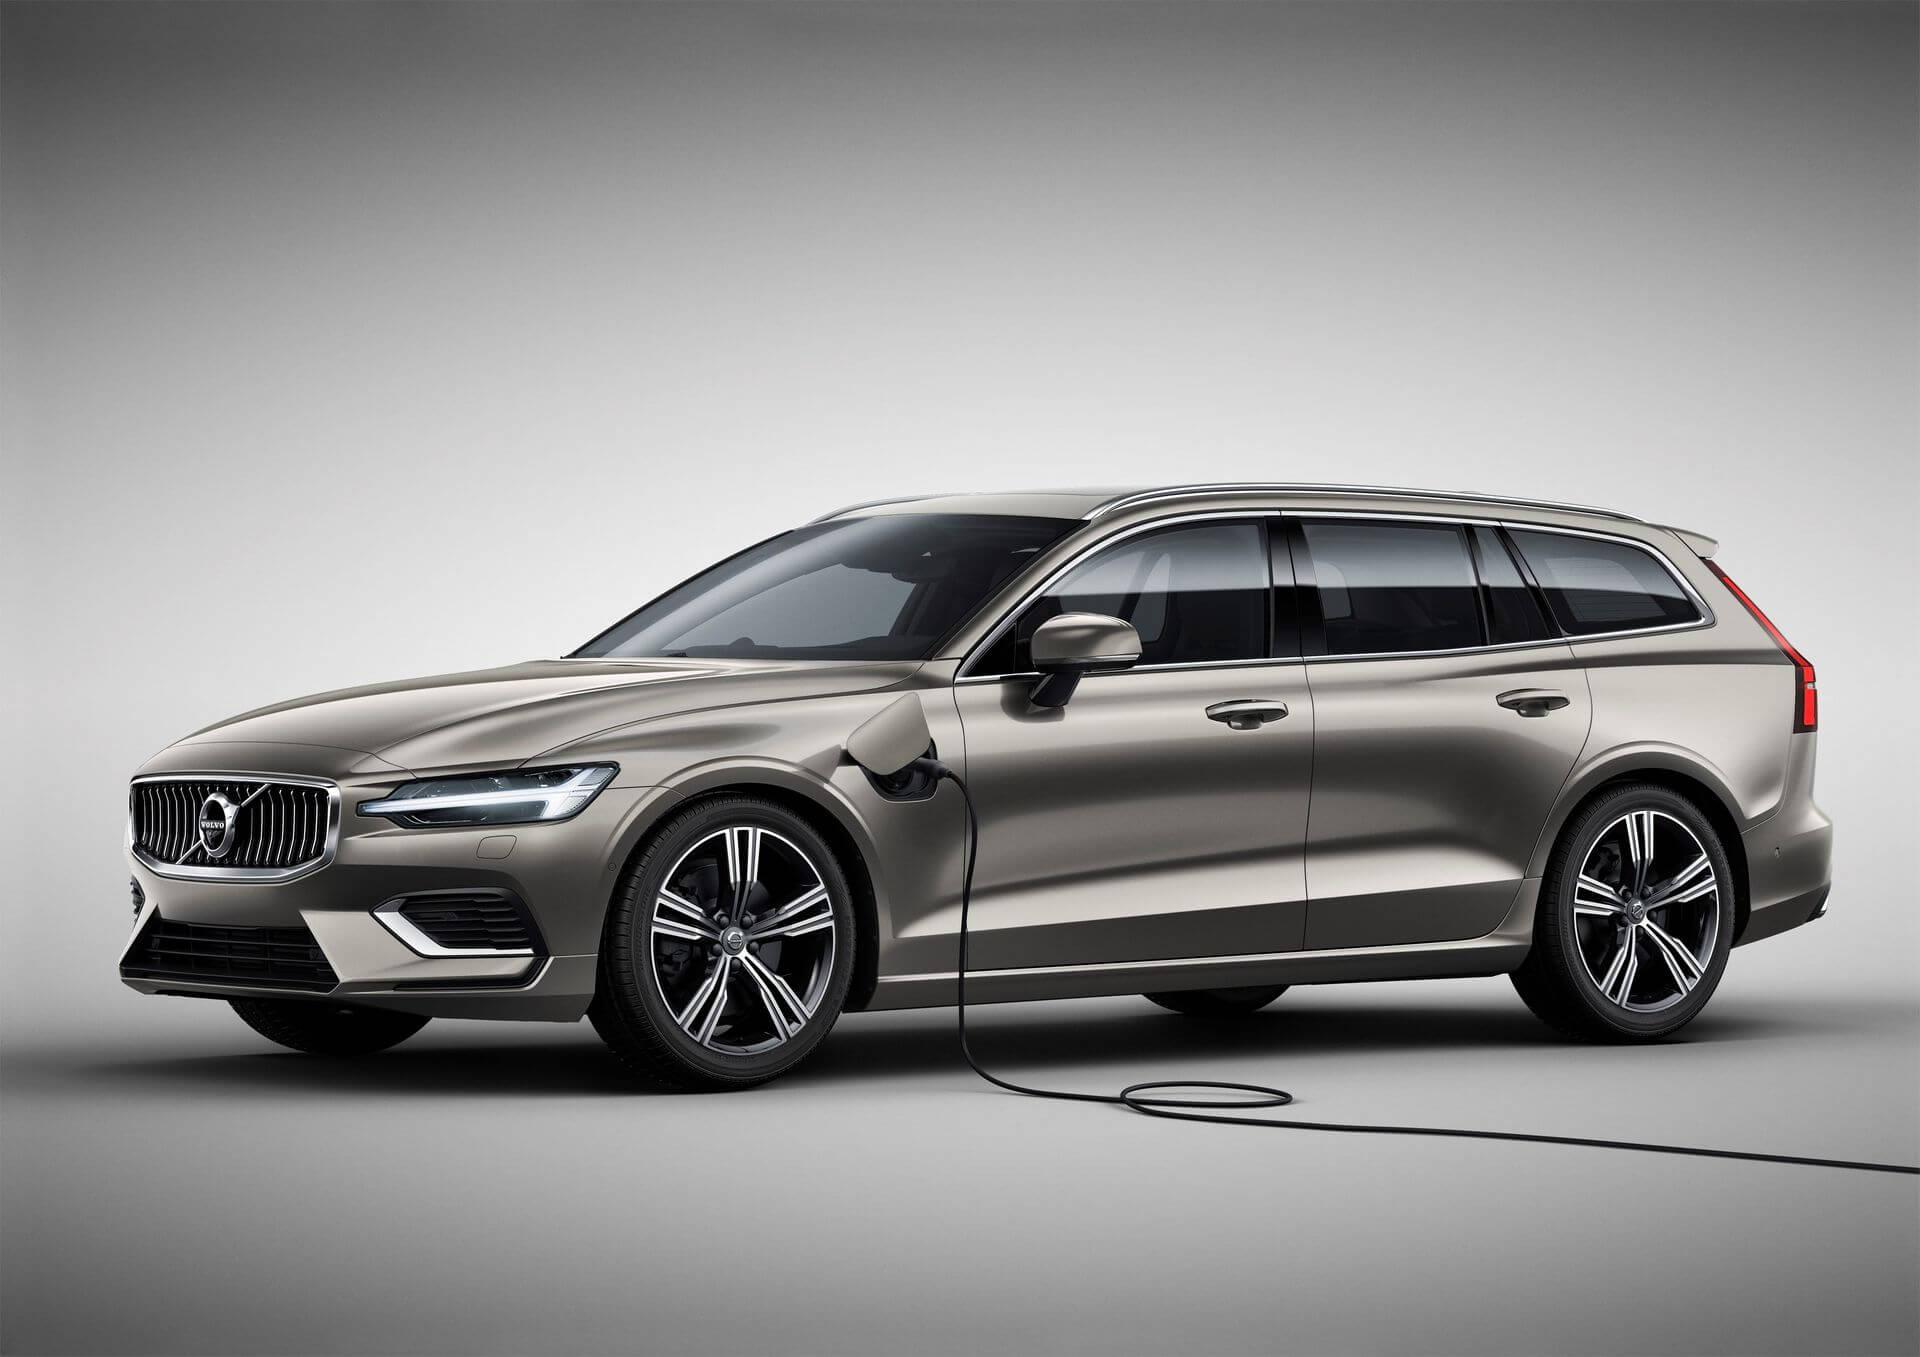 Pénzért megosztaná másokkal a CO2 kvótáját a Volvo